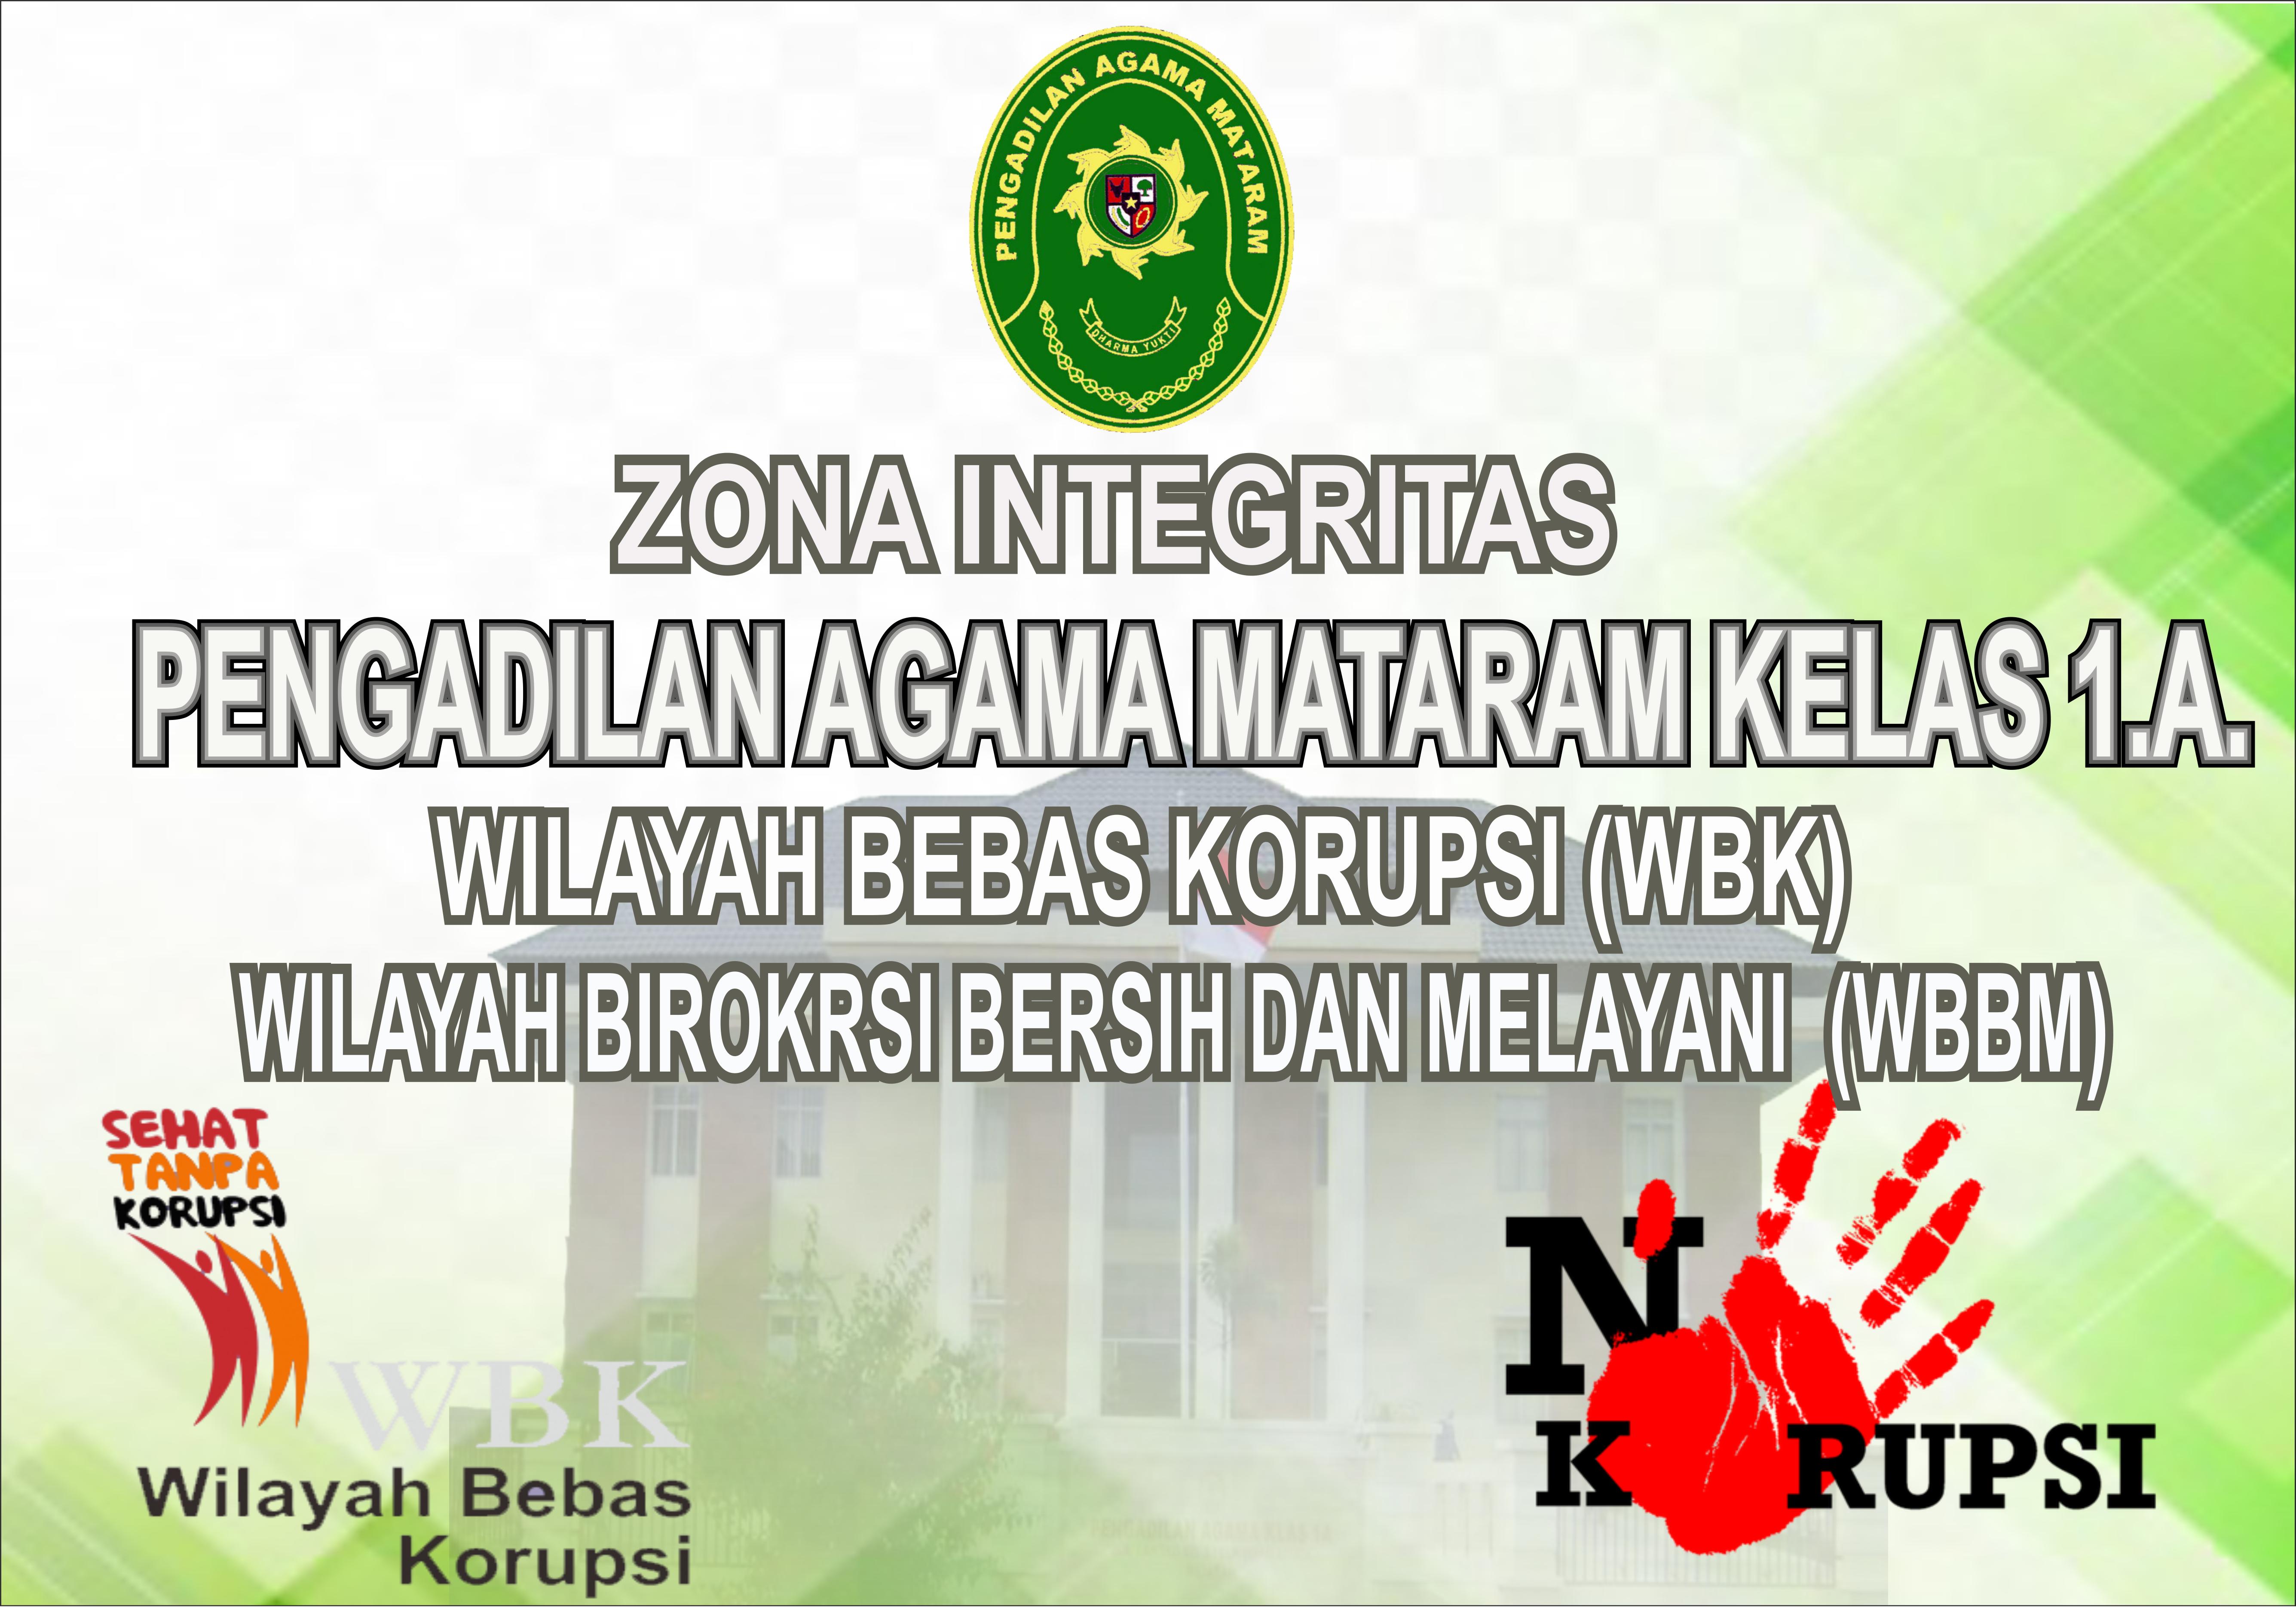 Zona Integritas Pengadilan Agama Mataram Kelas I.A.